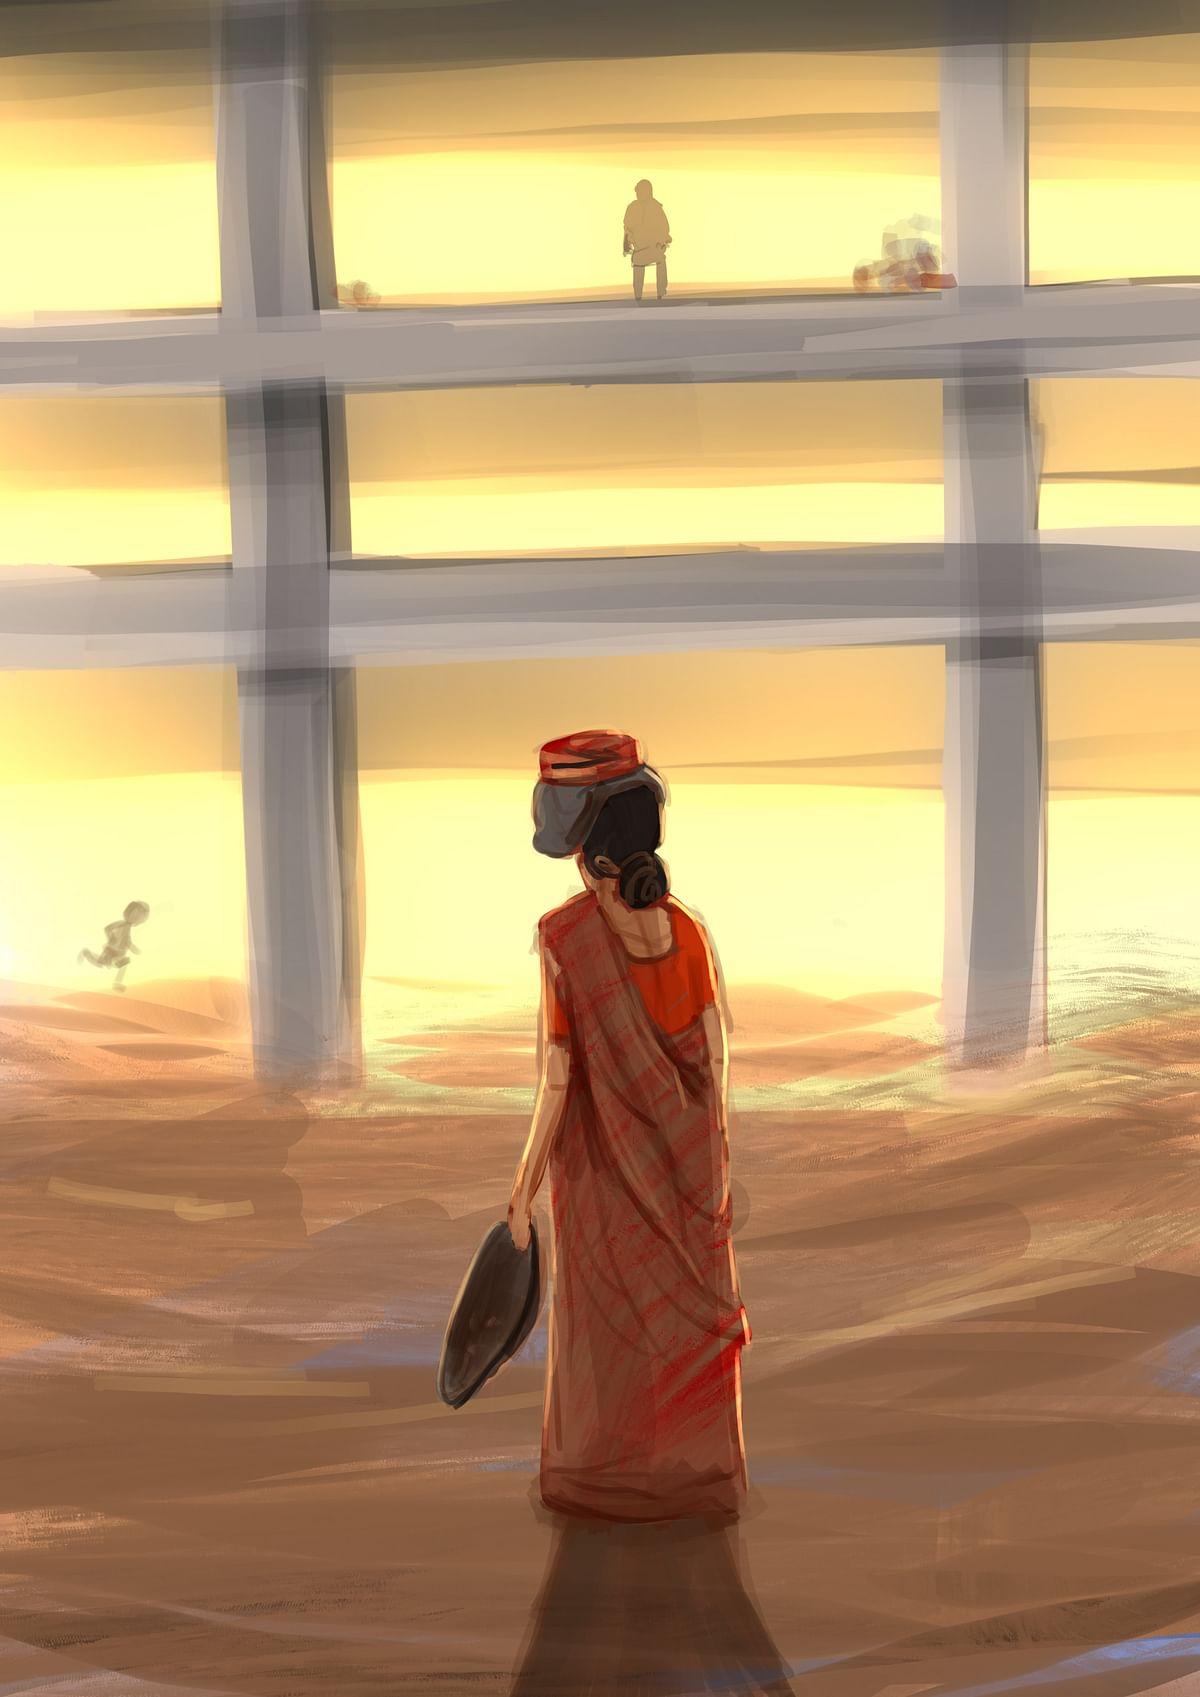 அநீதி ஆந்தாலஜி கதைகள்